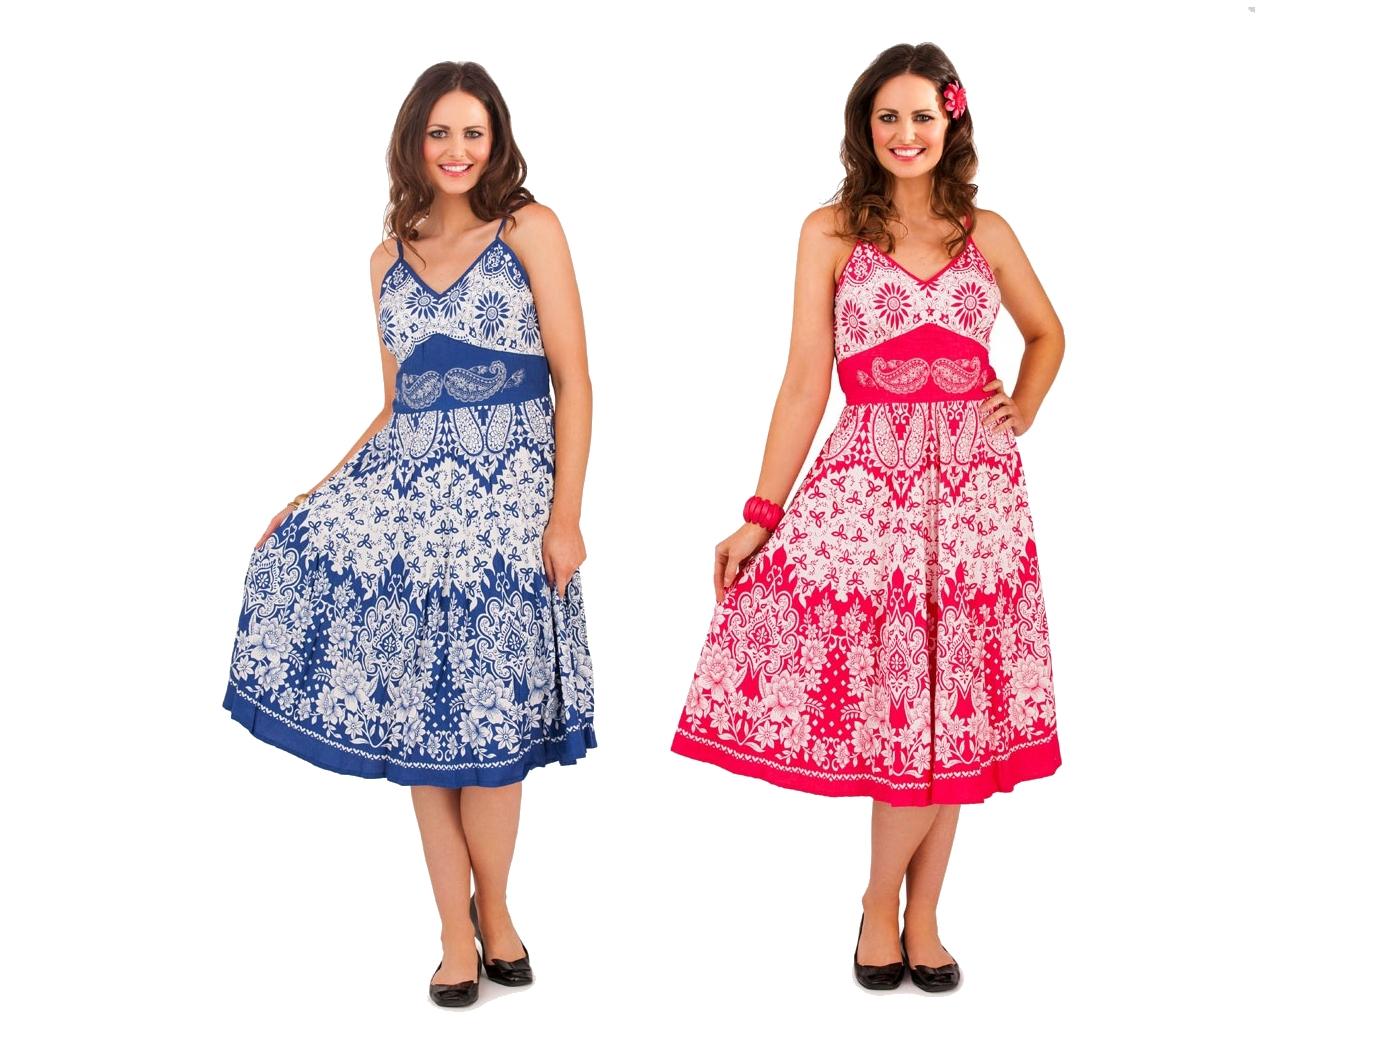 d27a941667 Pink Knee High Summer Dress - Data Dynamic AG